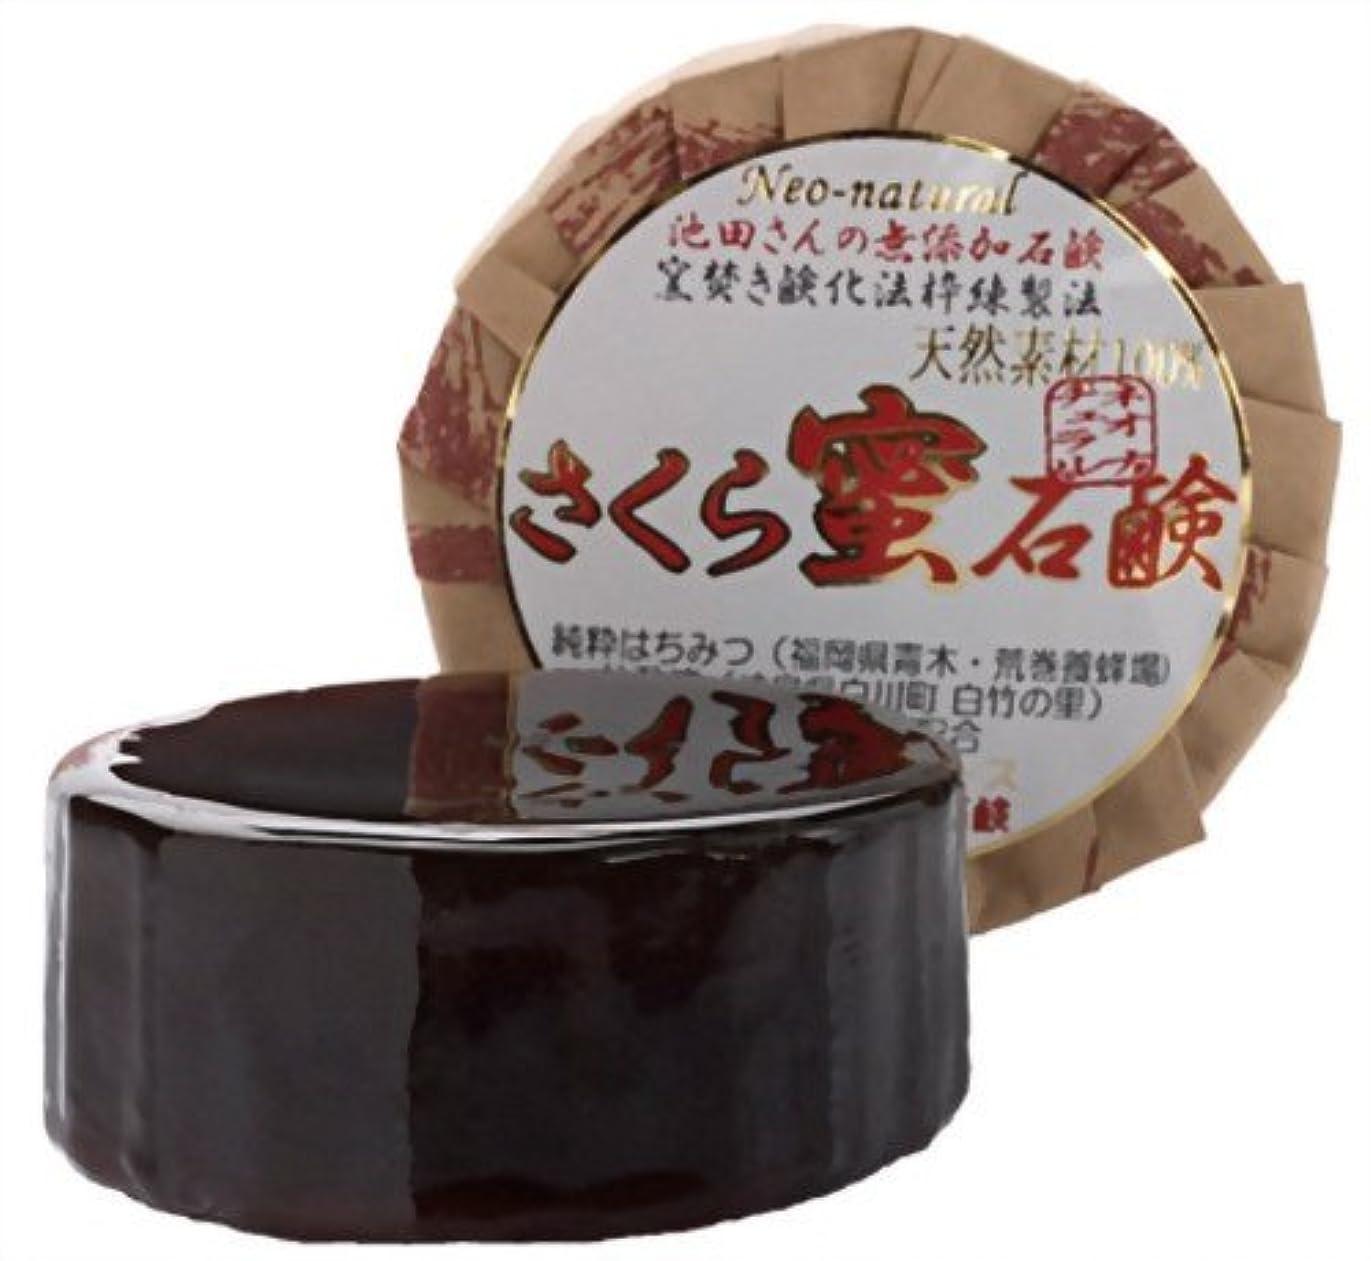 占める壊滅的なライトニングネオナチュラル 池田さんのさくら蜜石鹸 105g